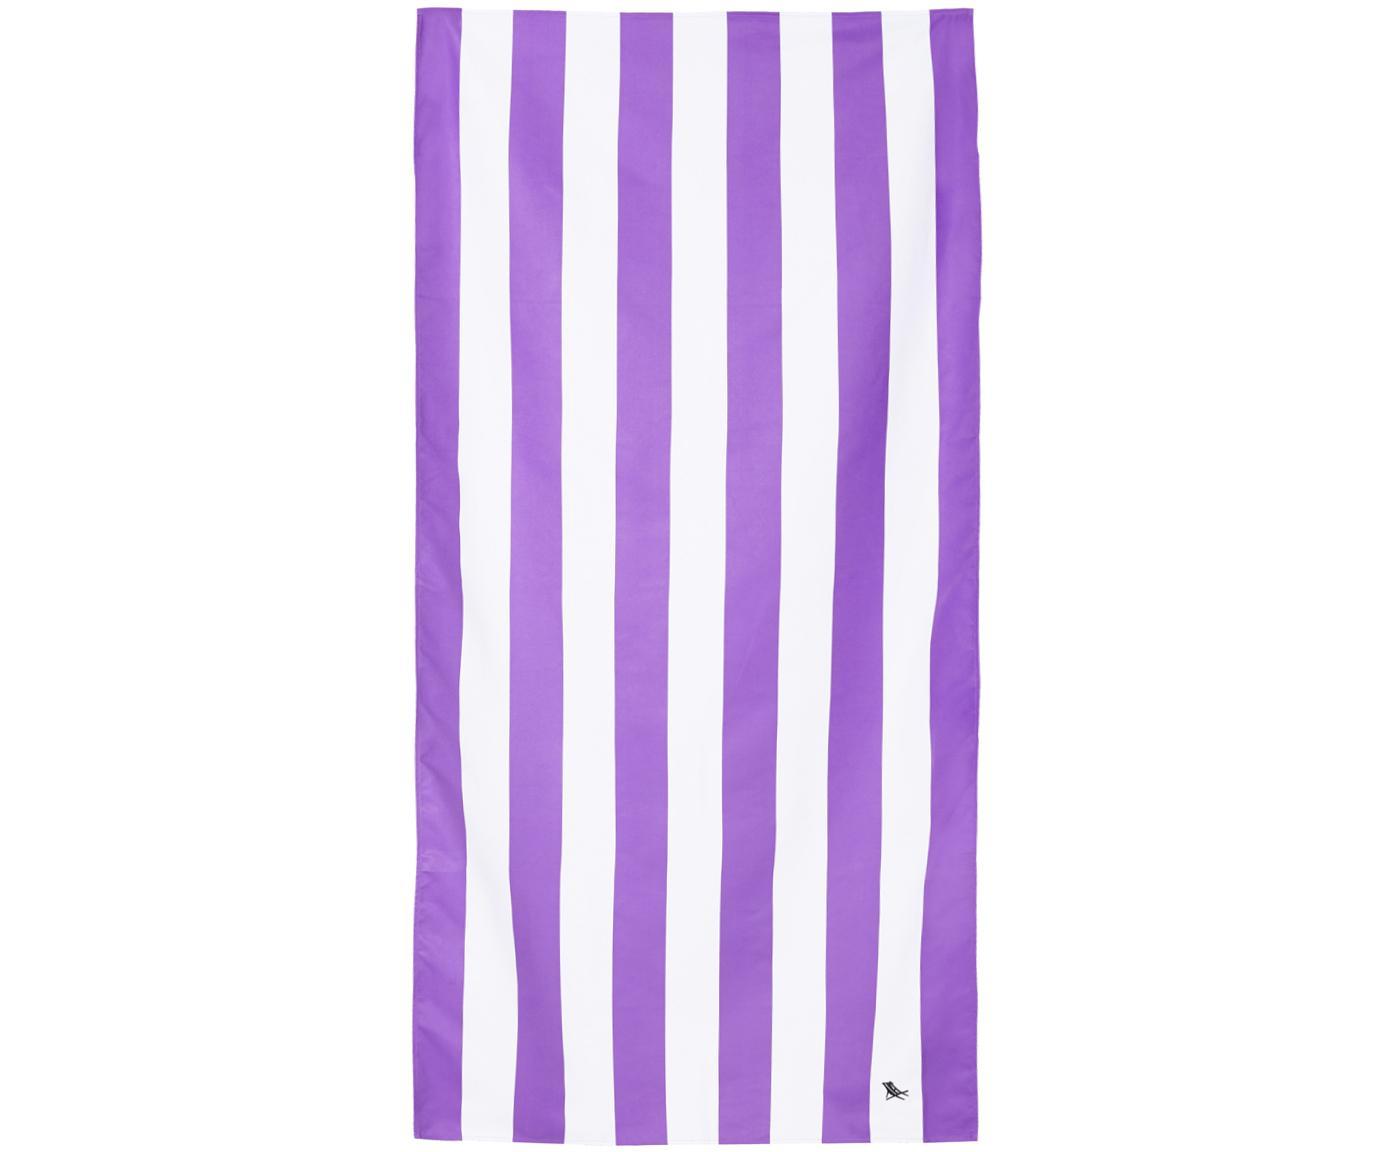 Szybkoschnący ręcznik plażowy z mikrofibry Cabana, Mikrofibra (80% poliester, 20% poliamid), Lila, biały, S 90 x D 200 cm